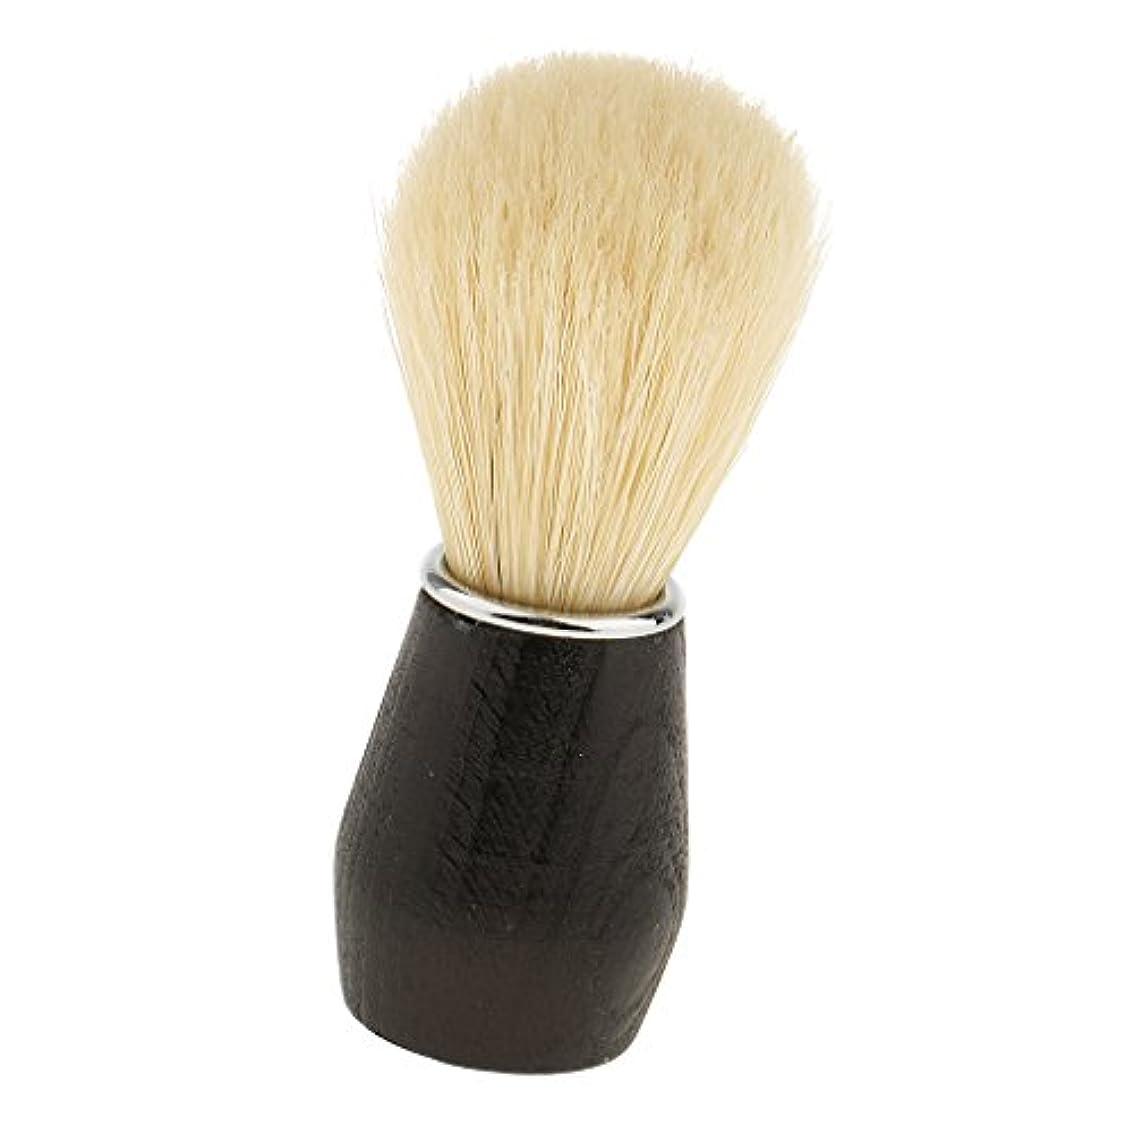 従来のミネラル旋律的dailymall ひげ剃りブラシ シェービングブラシ メンズ 髭剃り プロフェッショナル ひげ剃り 美容ツール